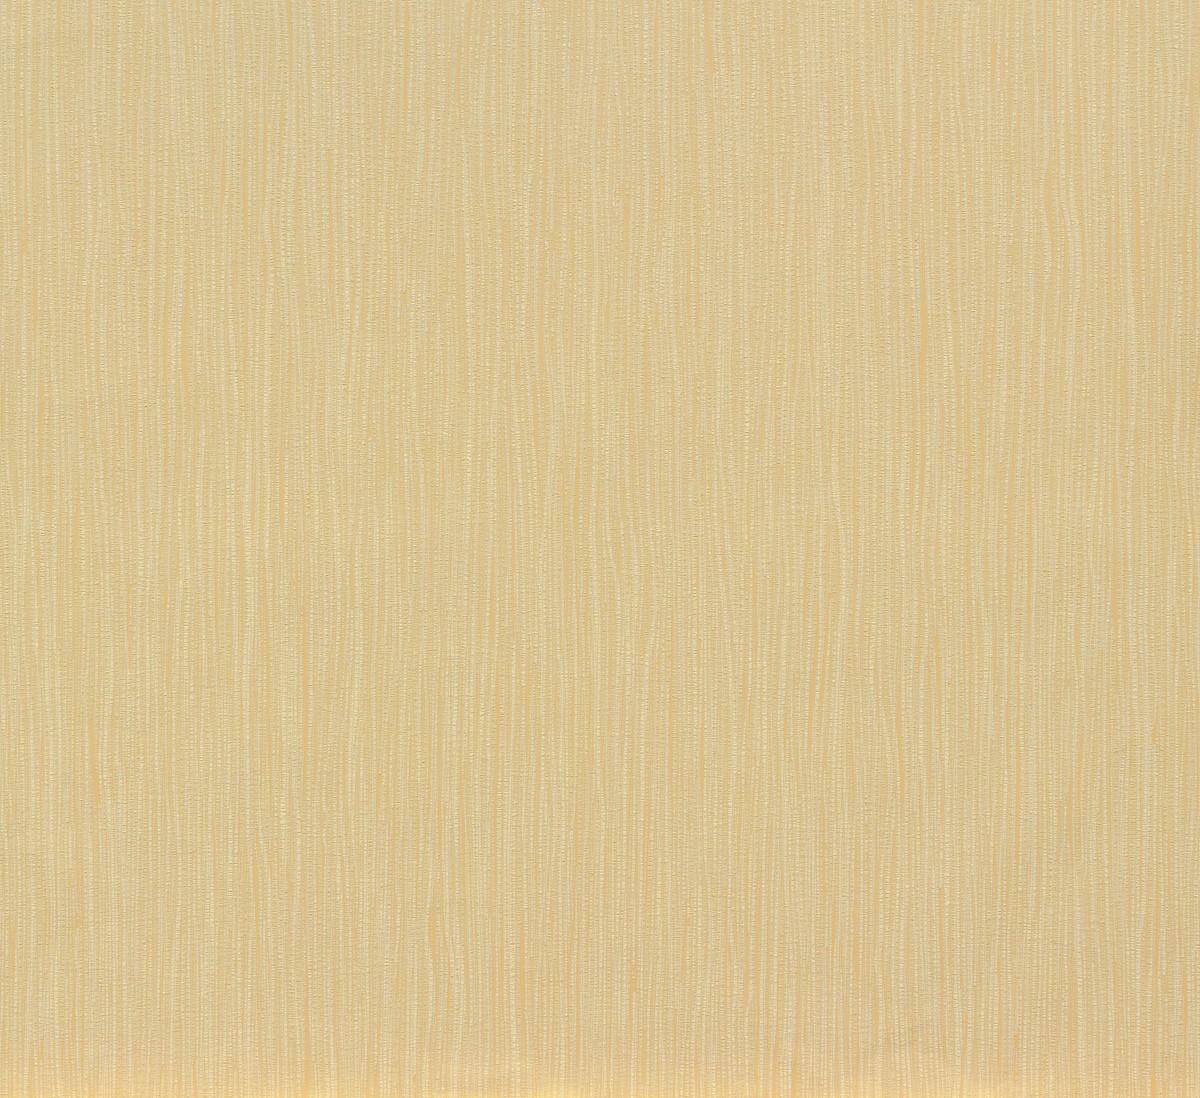 tapete vlies streifen beige creme marburg 56525. Black Bedroom Furniture Sets. Home Design Ideas